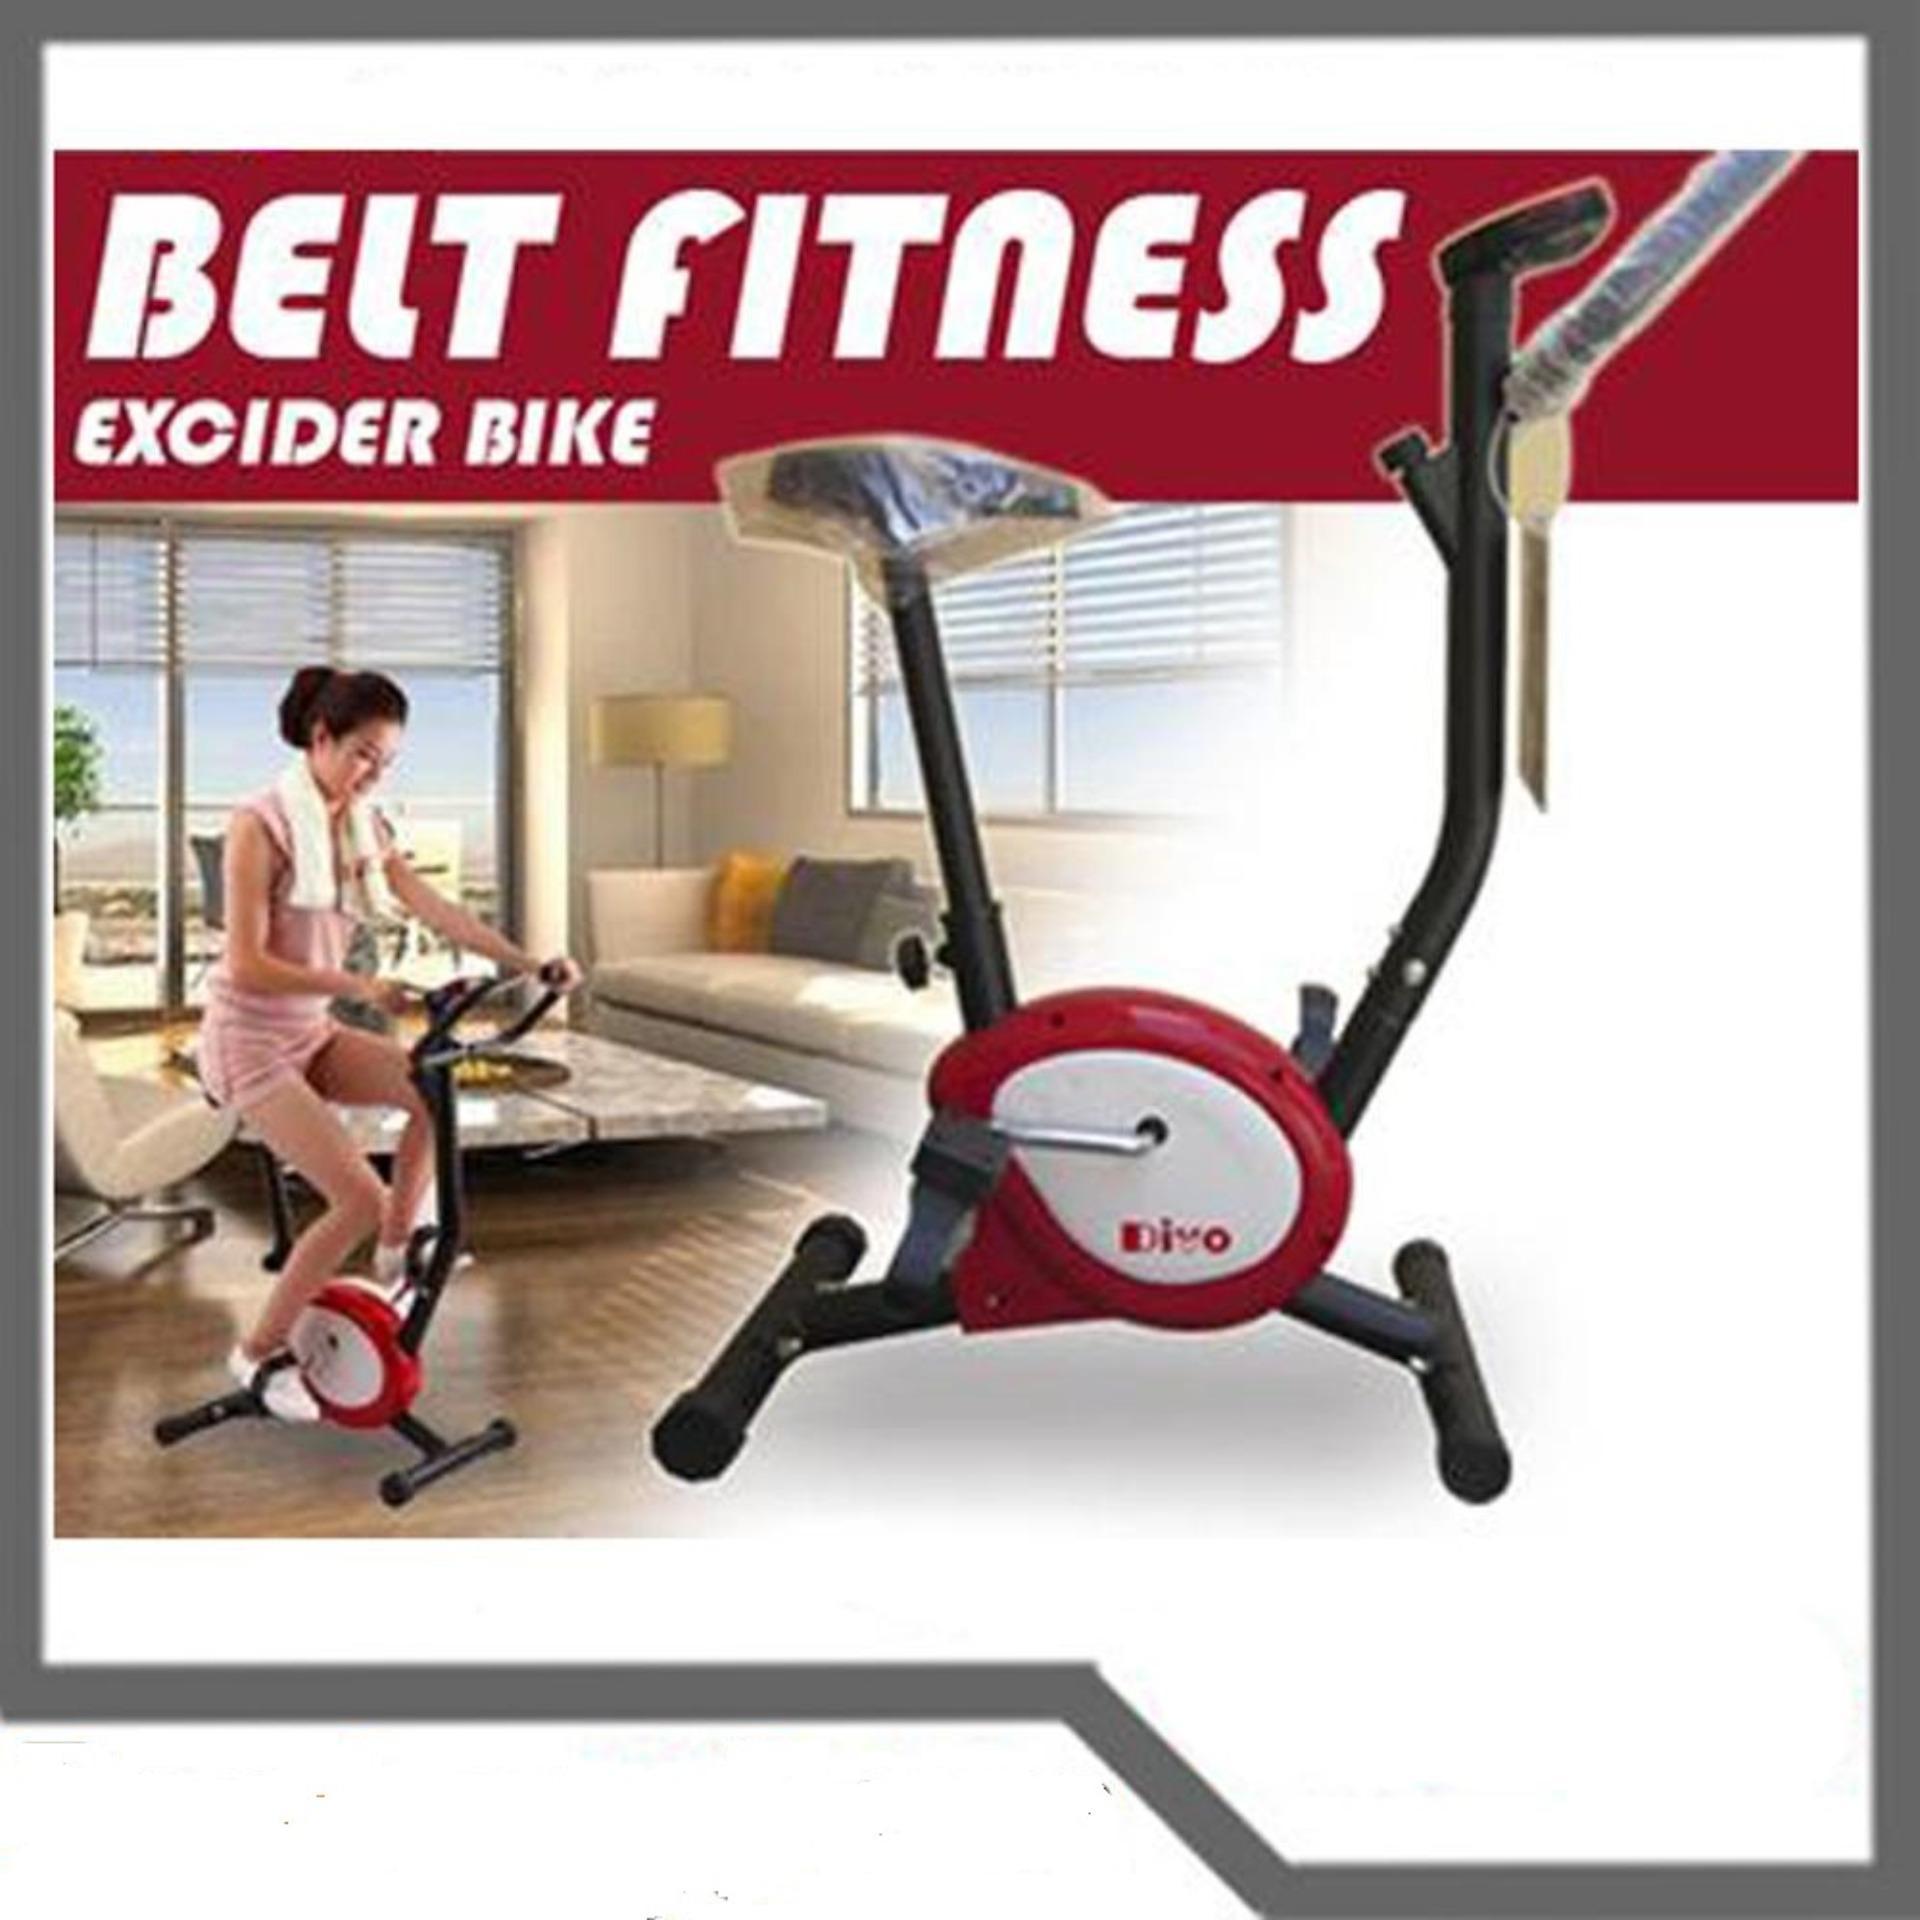 Total Fitness Sepeda Statis Magnetik Tl 930 Bisa Cod Cek Harga Spinning Bike Tl8555 Alat Belt Fitnes Divo